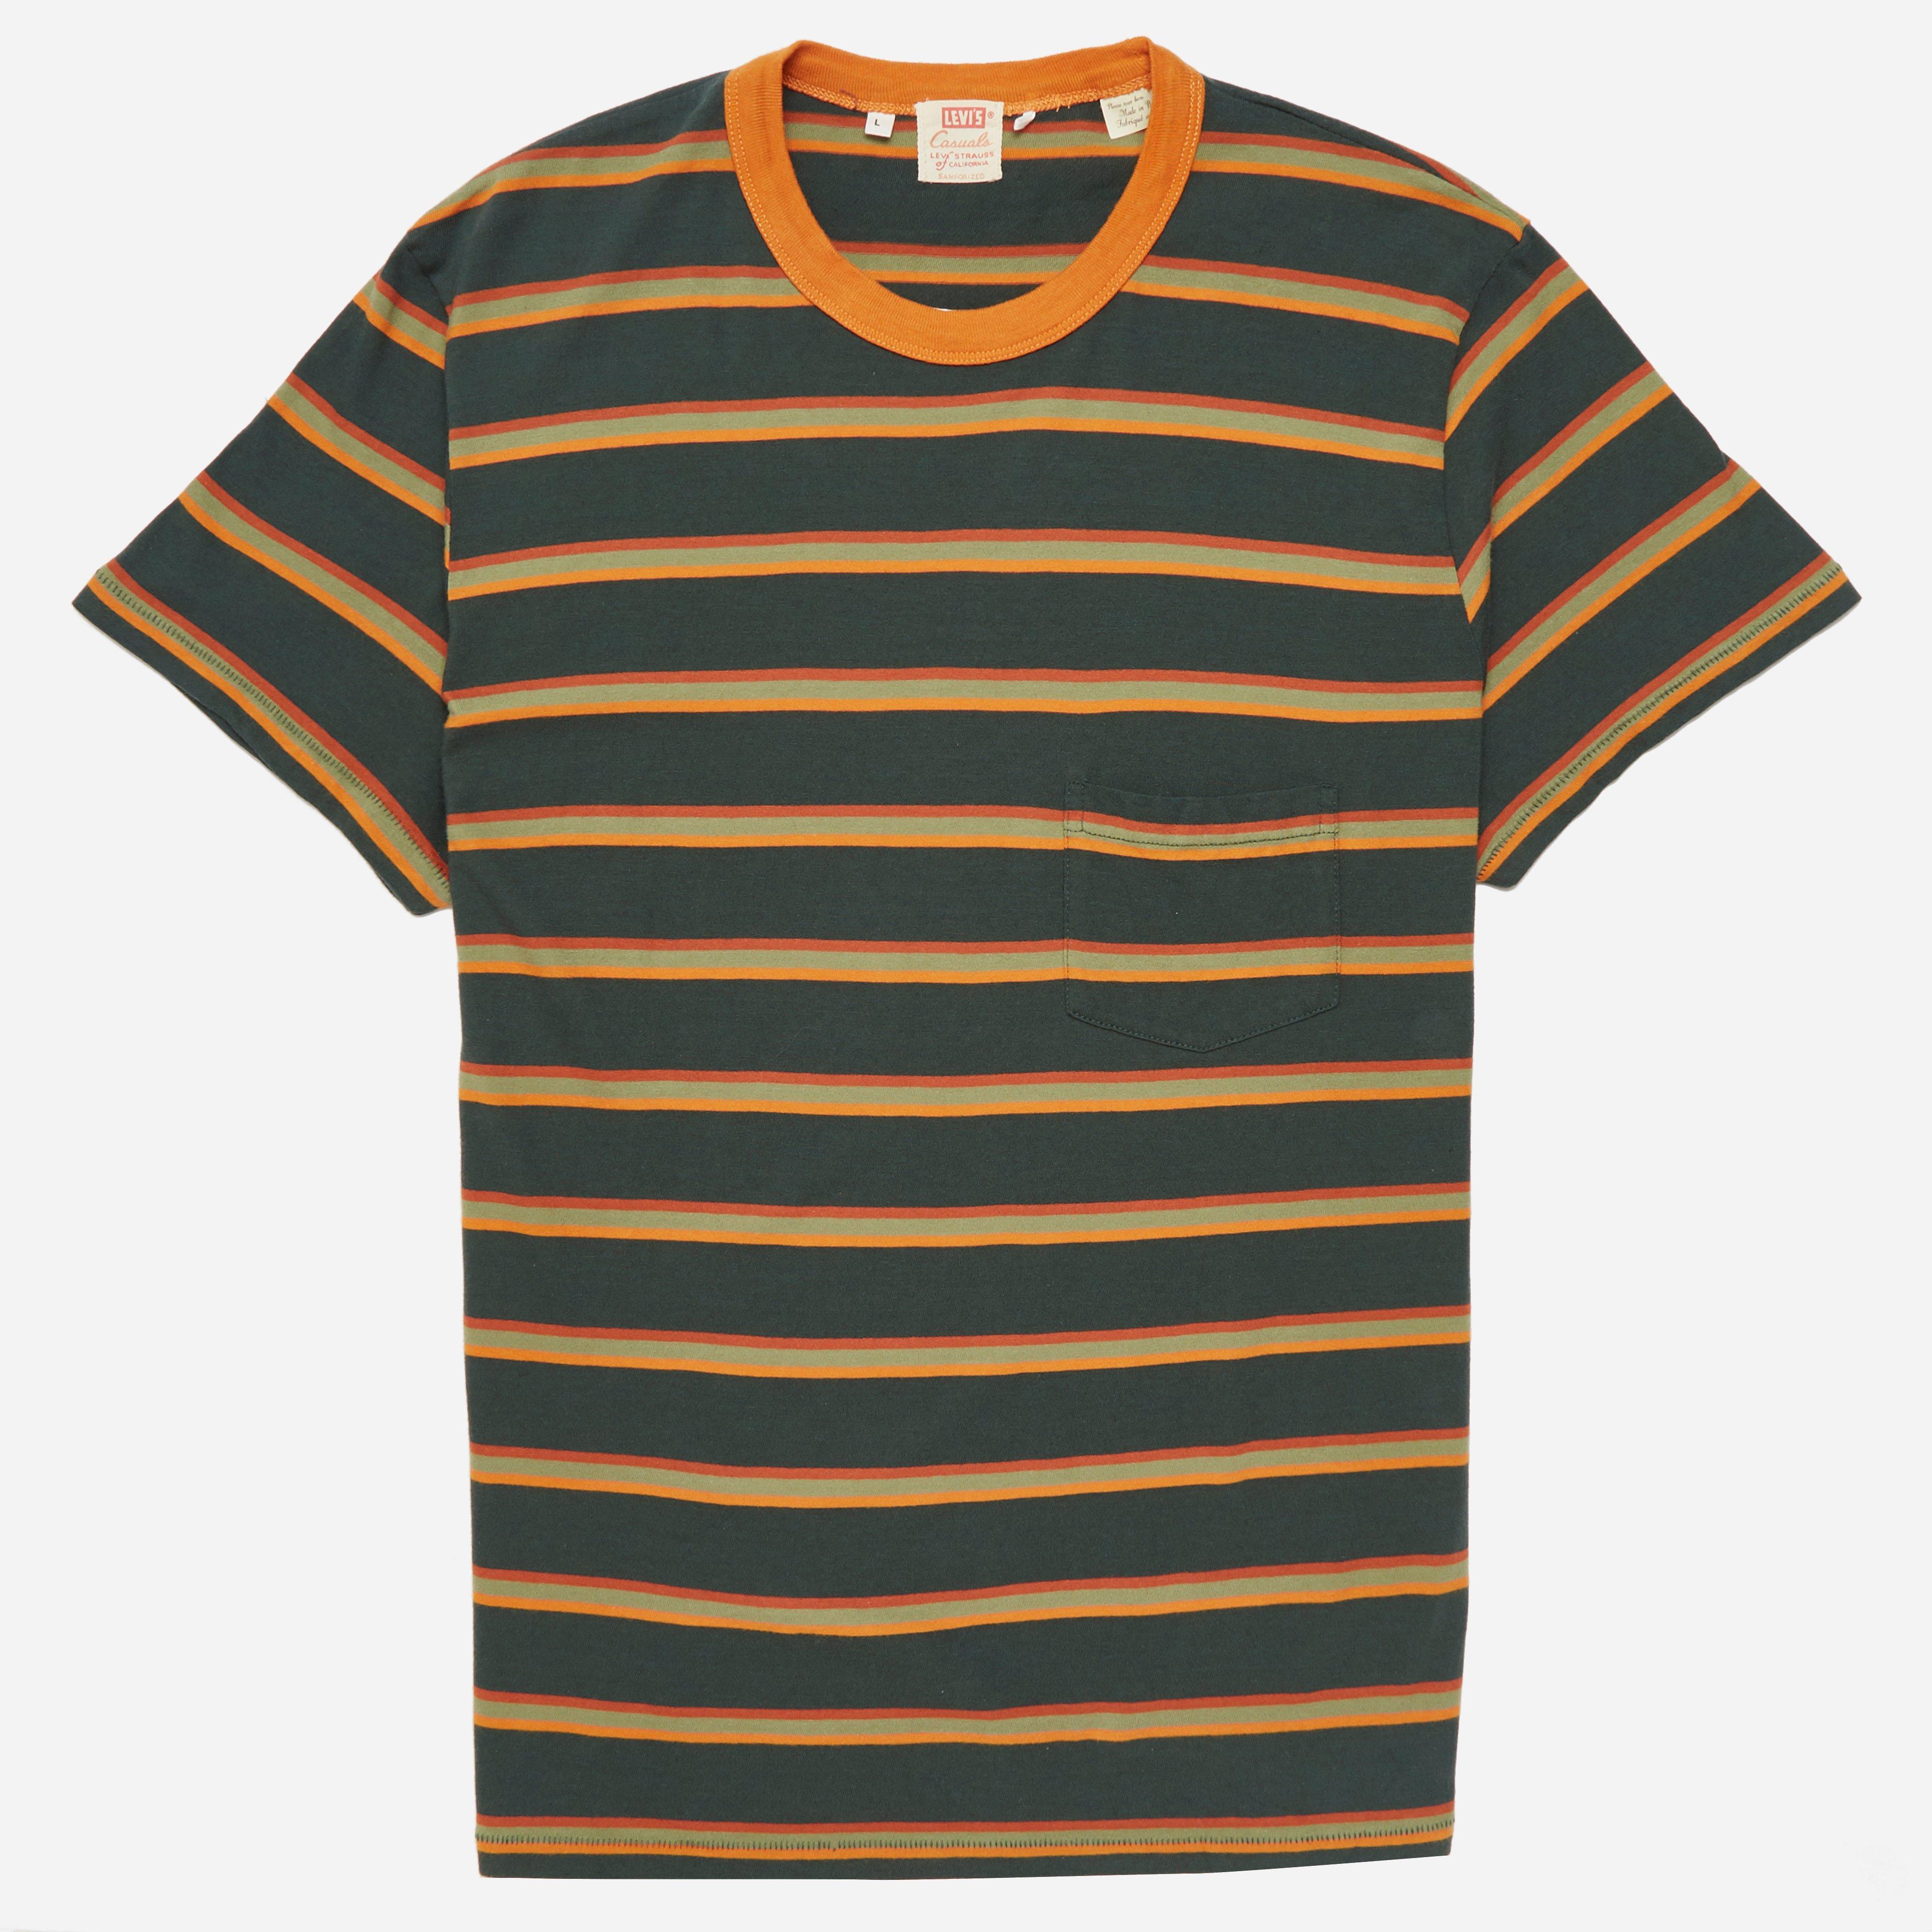 Levis Vintage 1960's Casuals Stripe T-shirt